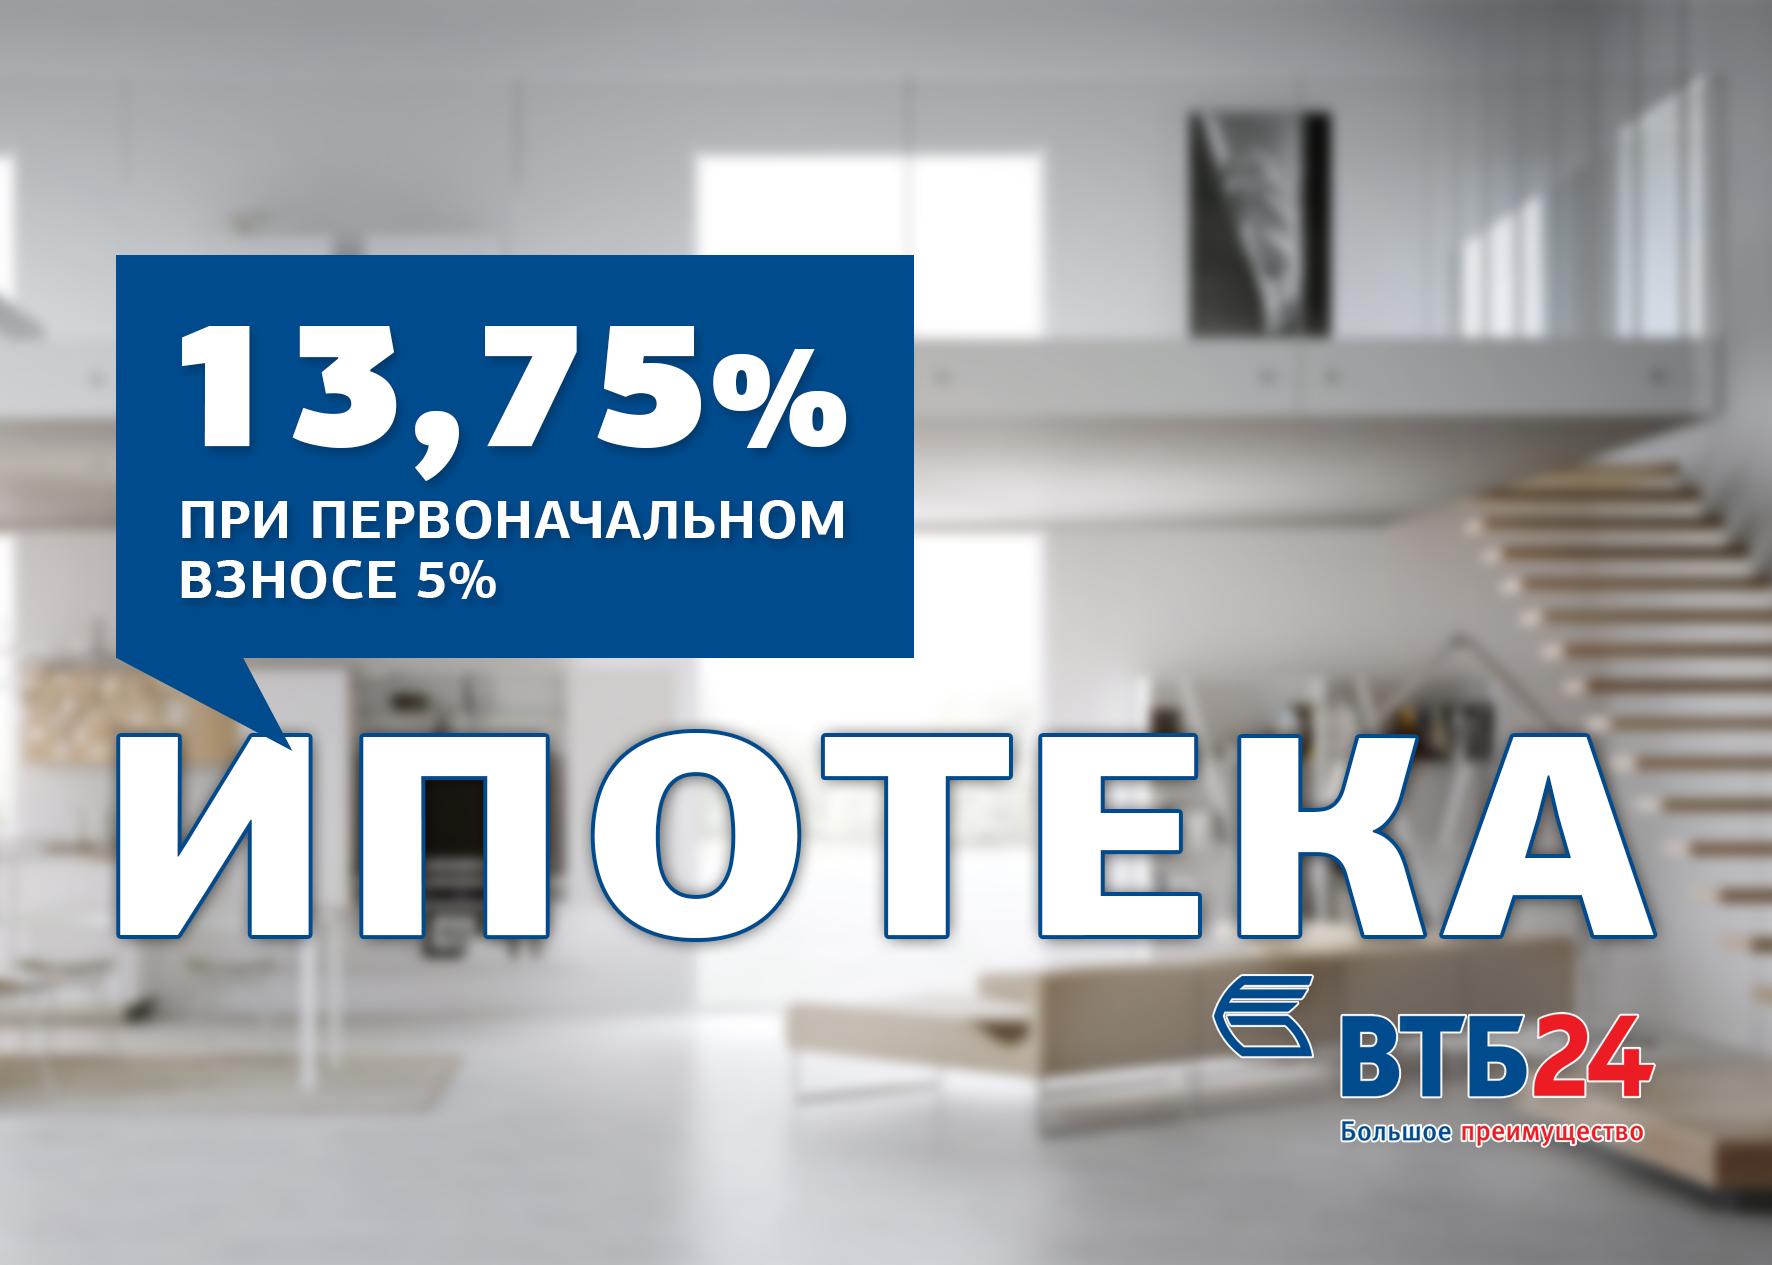 Квартиры в ипотеку с первоначальным взносом 5%